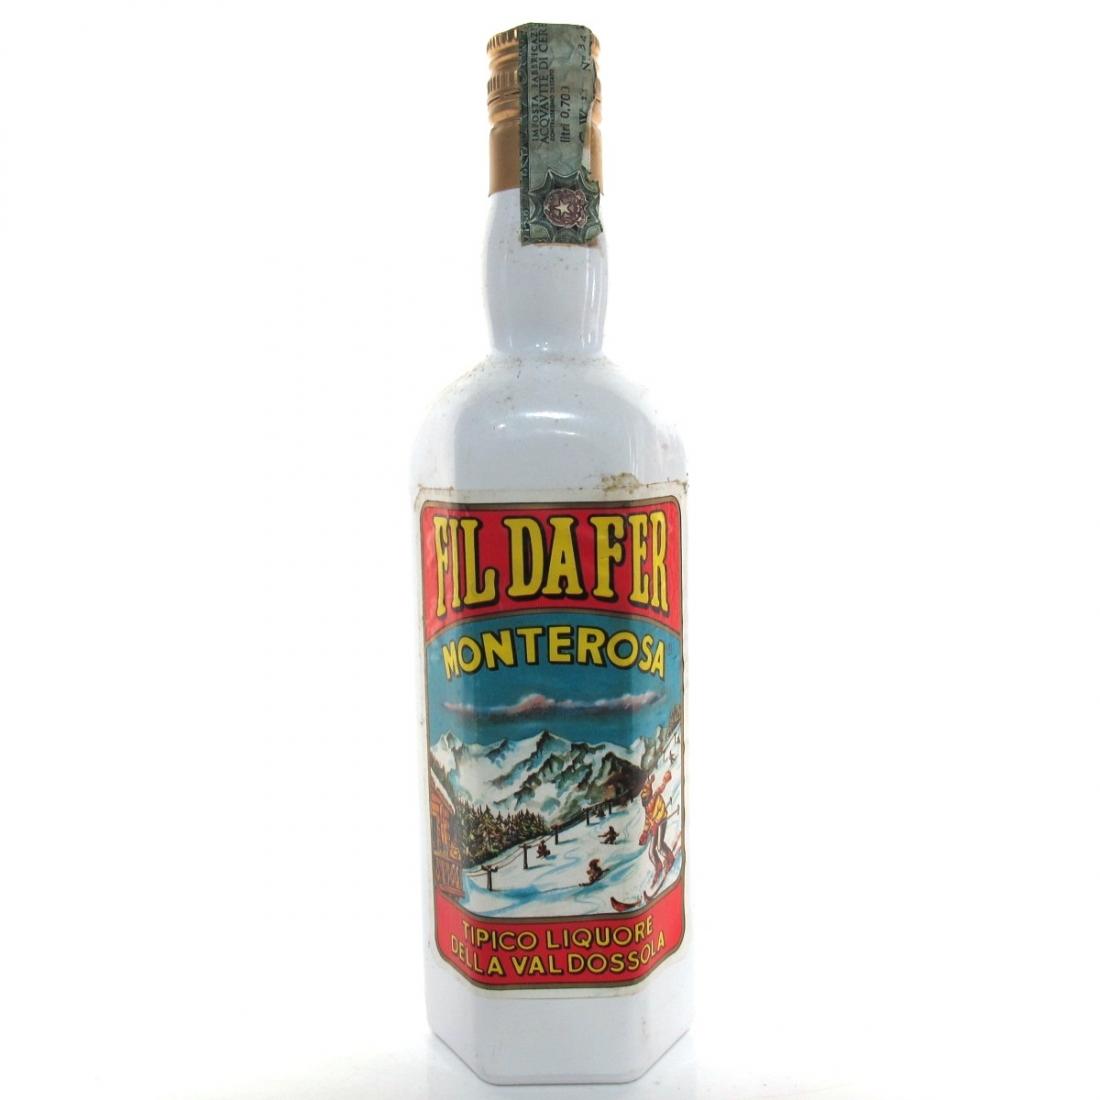 Fil Da Fer Monterosa Liquore